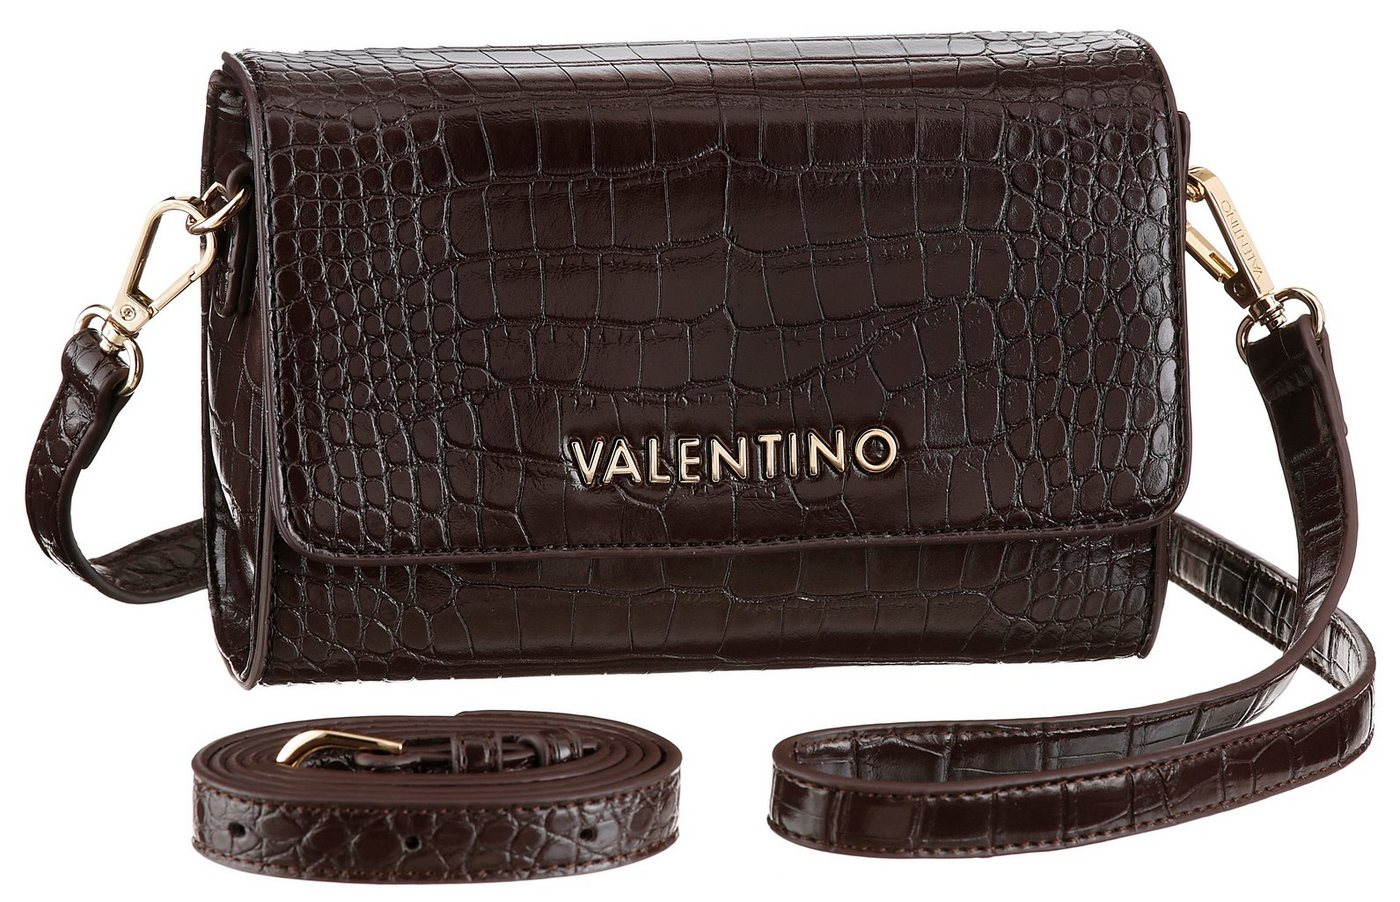 valentino by mario valentino -  Mini Bag »Grote«, als Umhängetasche oder Gürteltasche tragbar